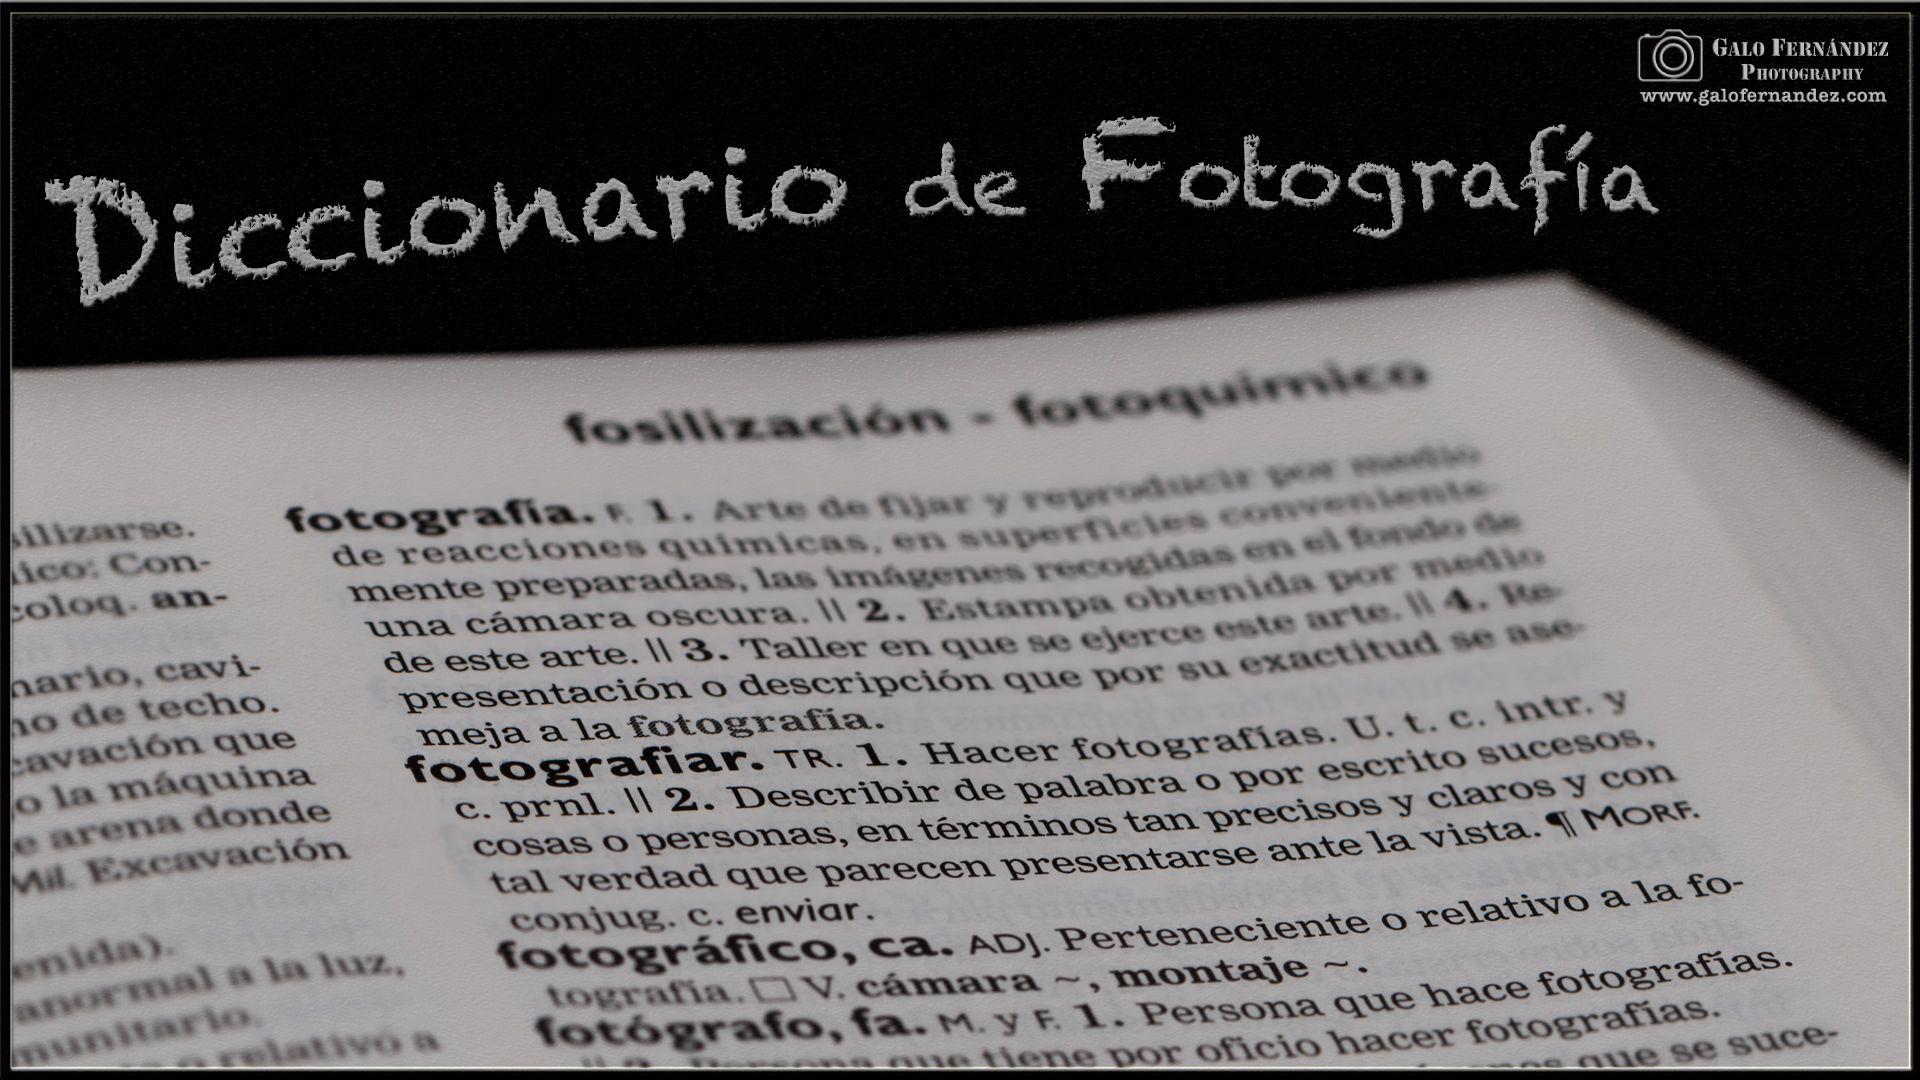 Diccionario de Fotografía